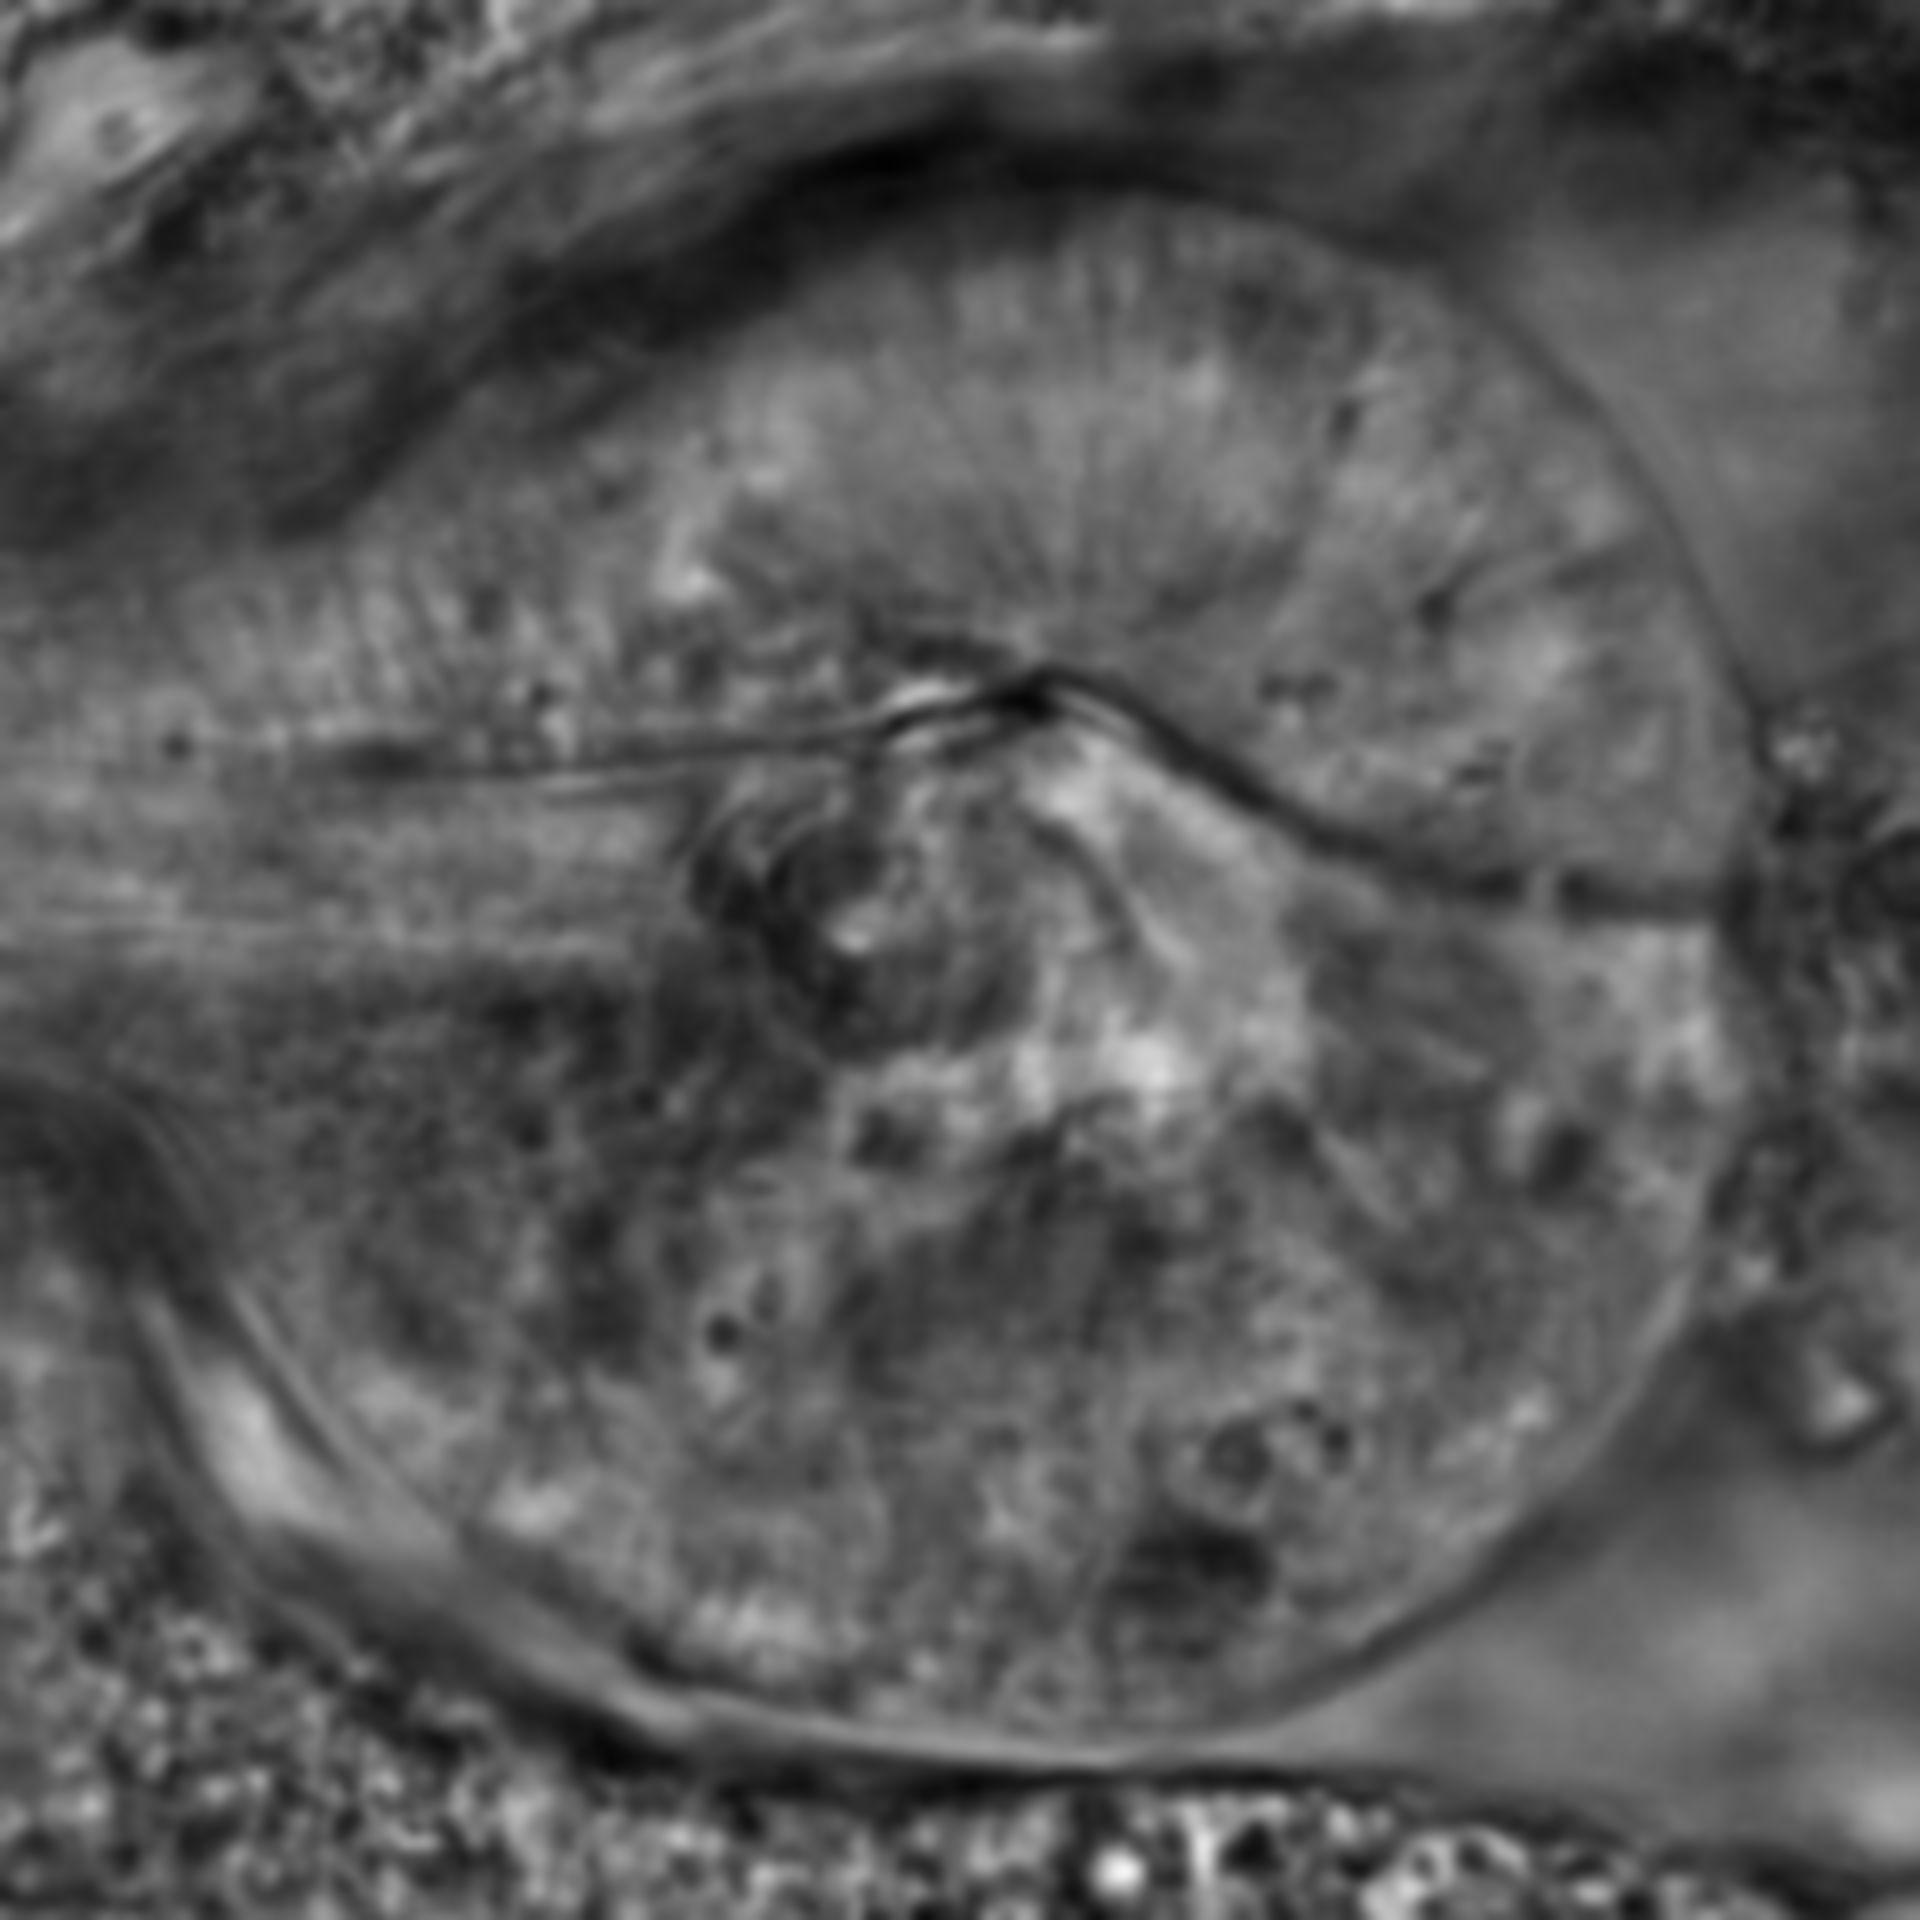 Caenorhabditis elegans - CIL:2681